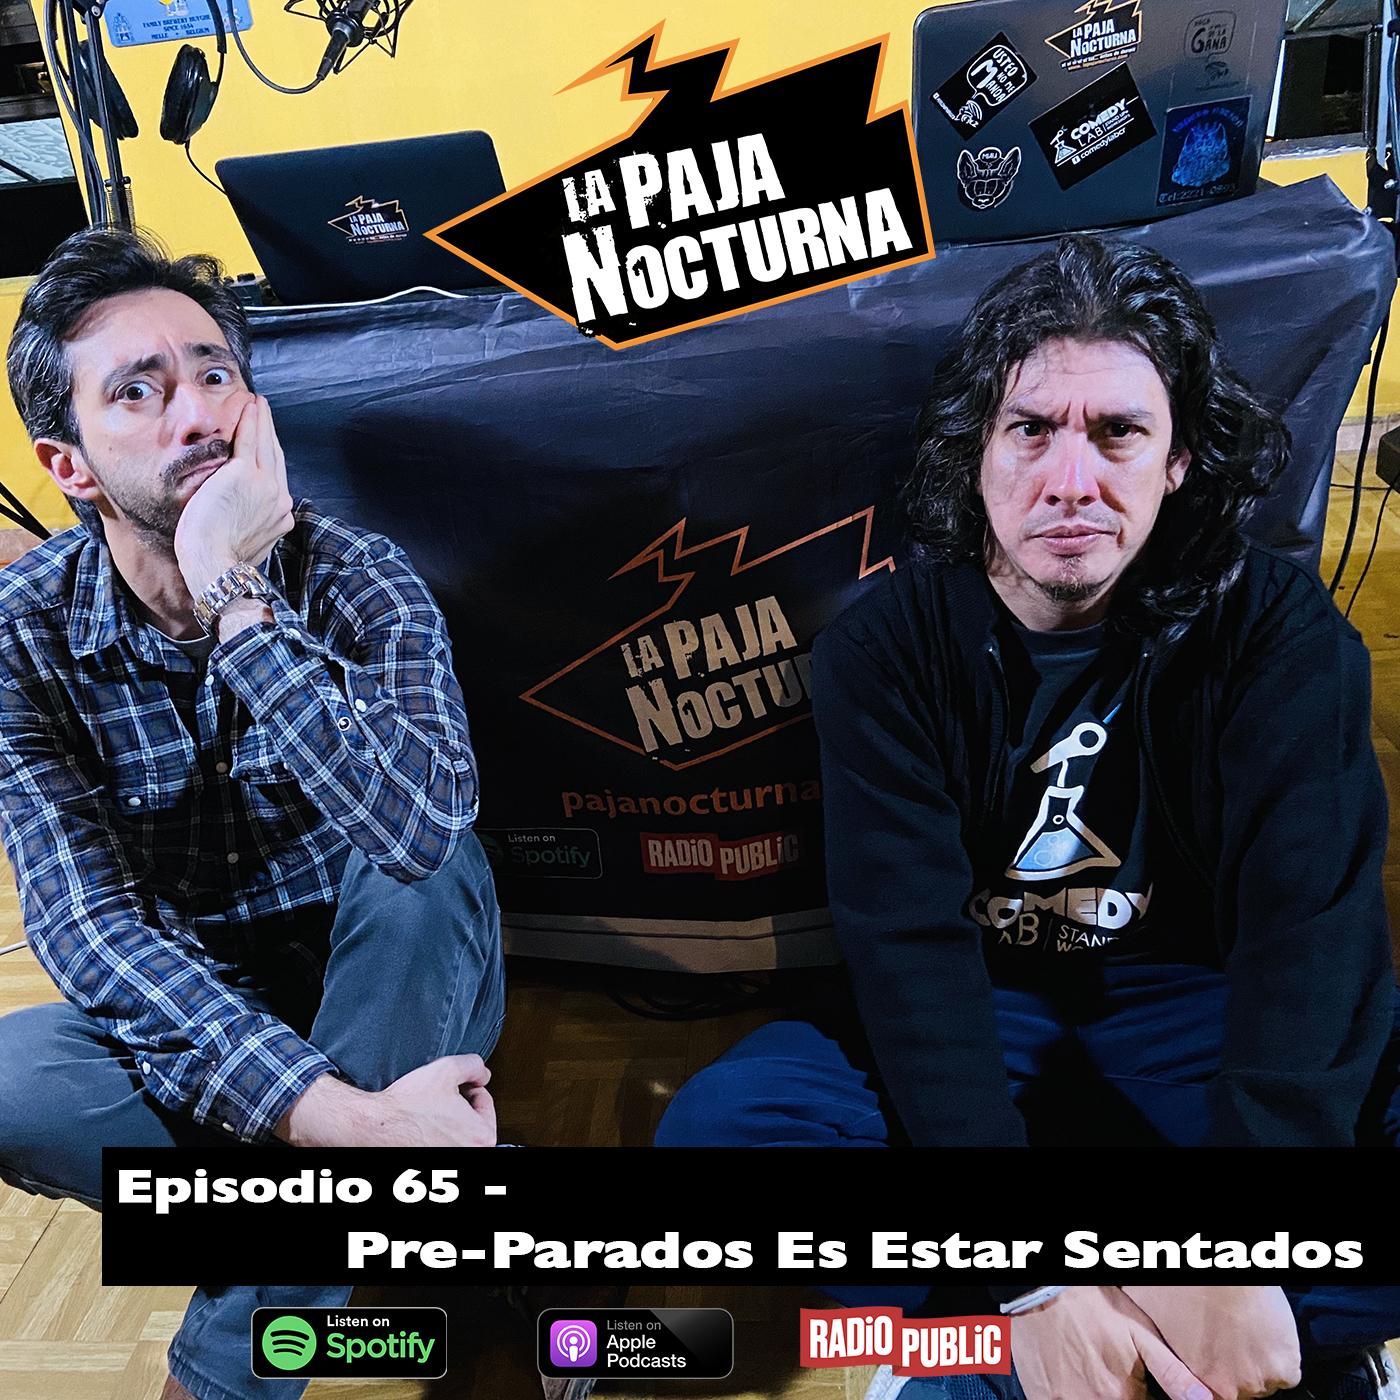 La paja nocturna podcast Episodio 65